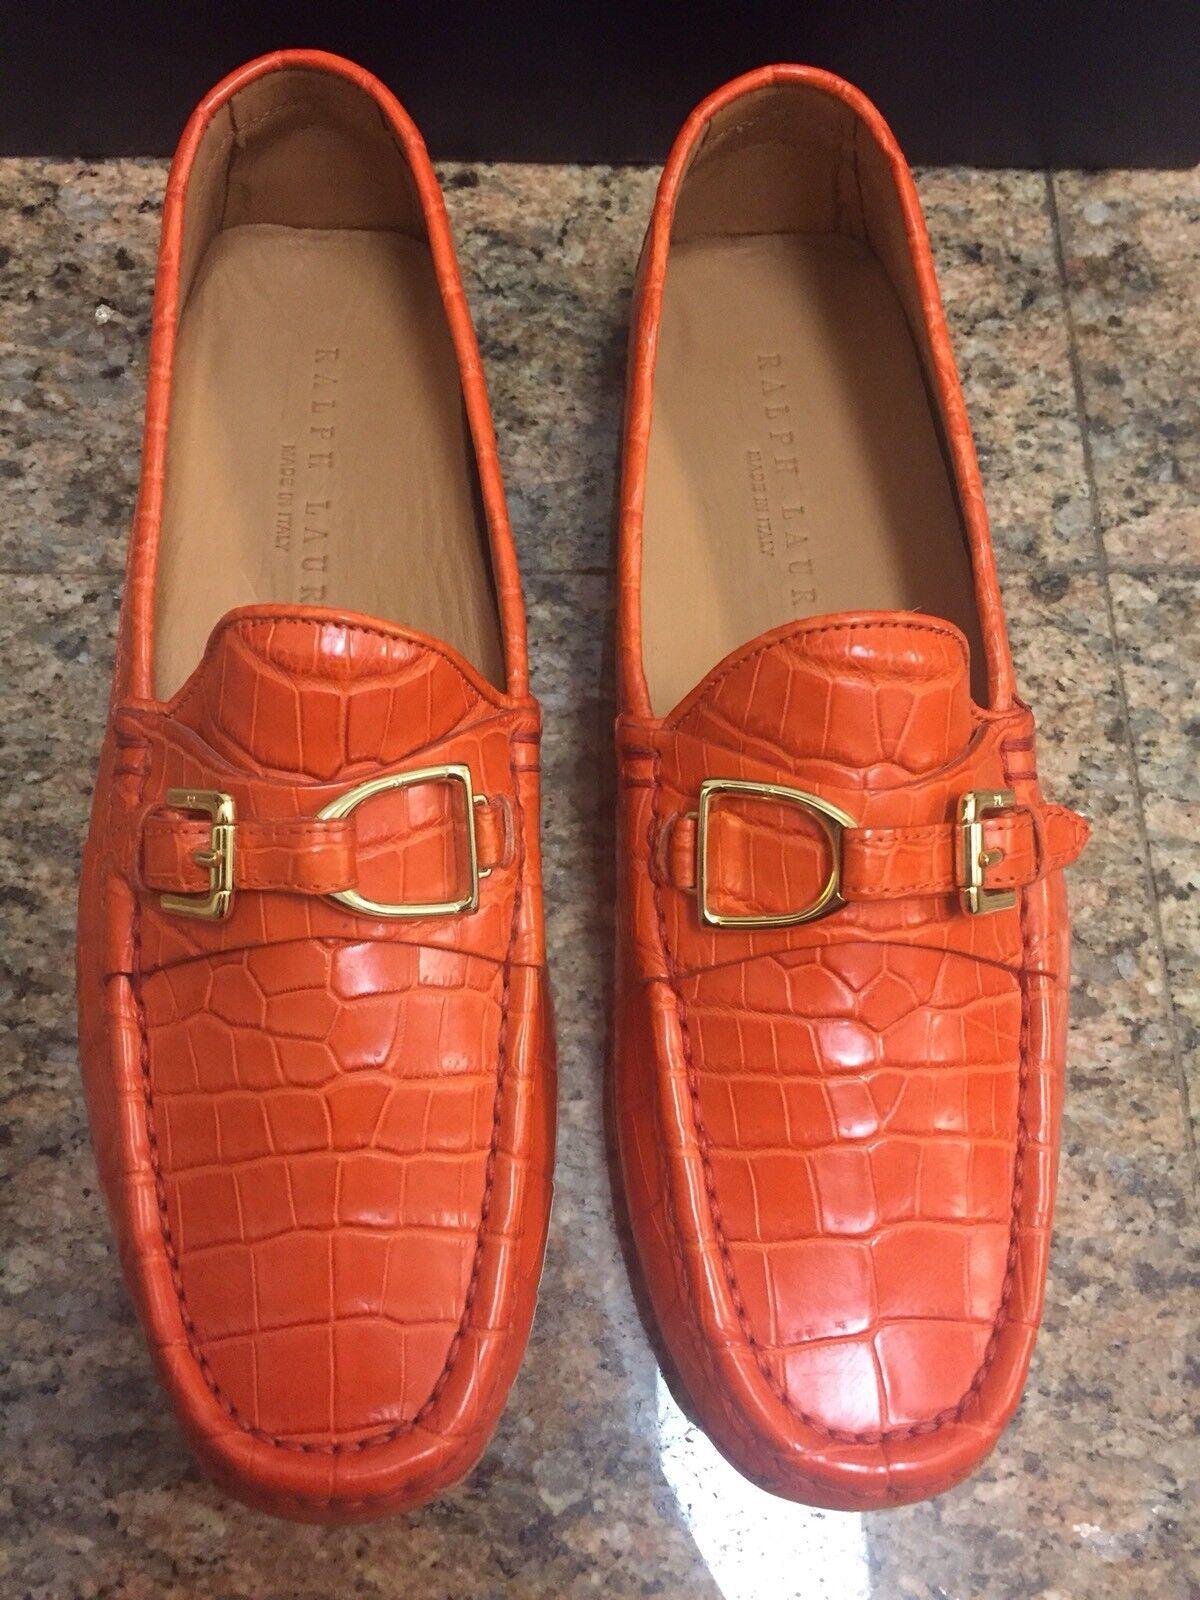 Ralph Lauren RL Genuine Driving Crocodile Orange Driving Genuine Shoes NIB Scarpe classiche da uomo 3c03e7